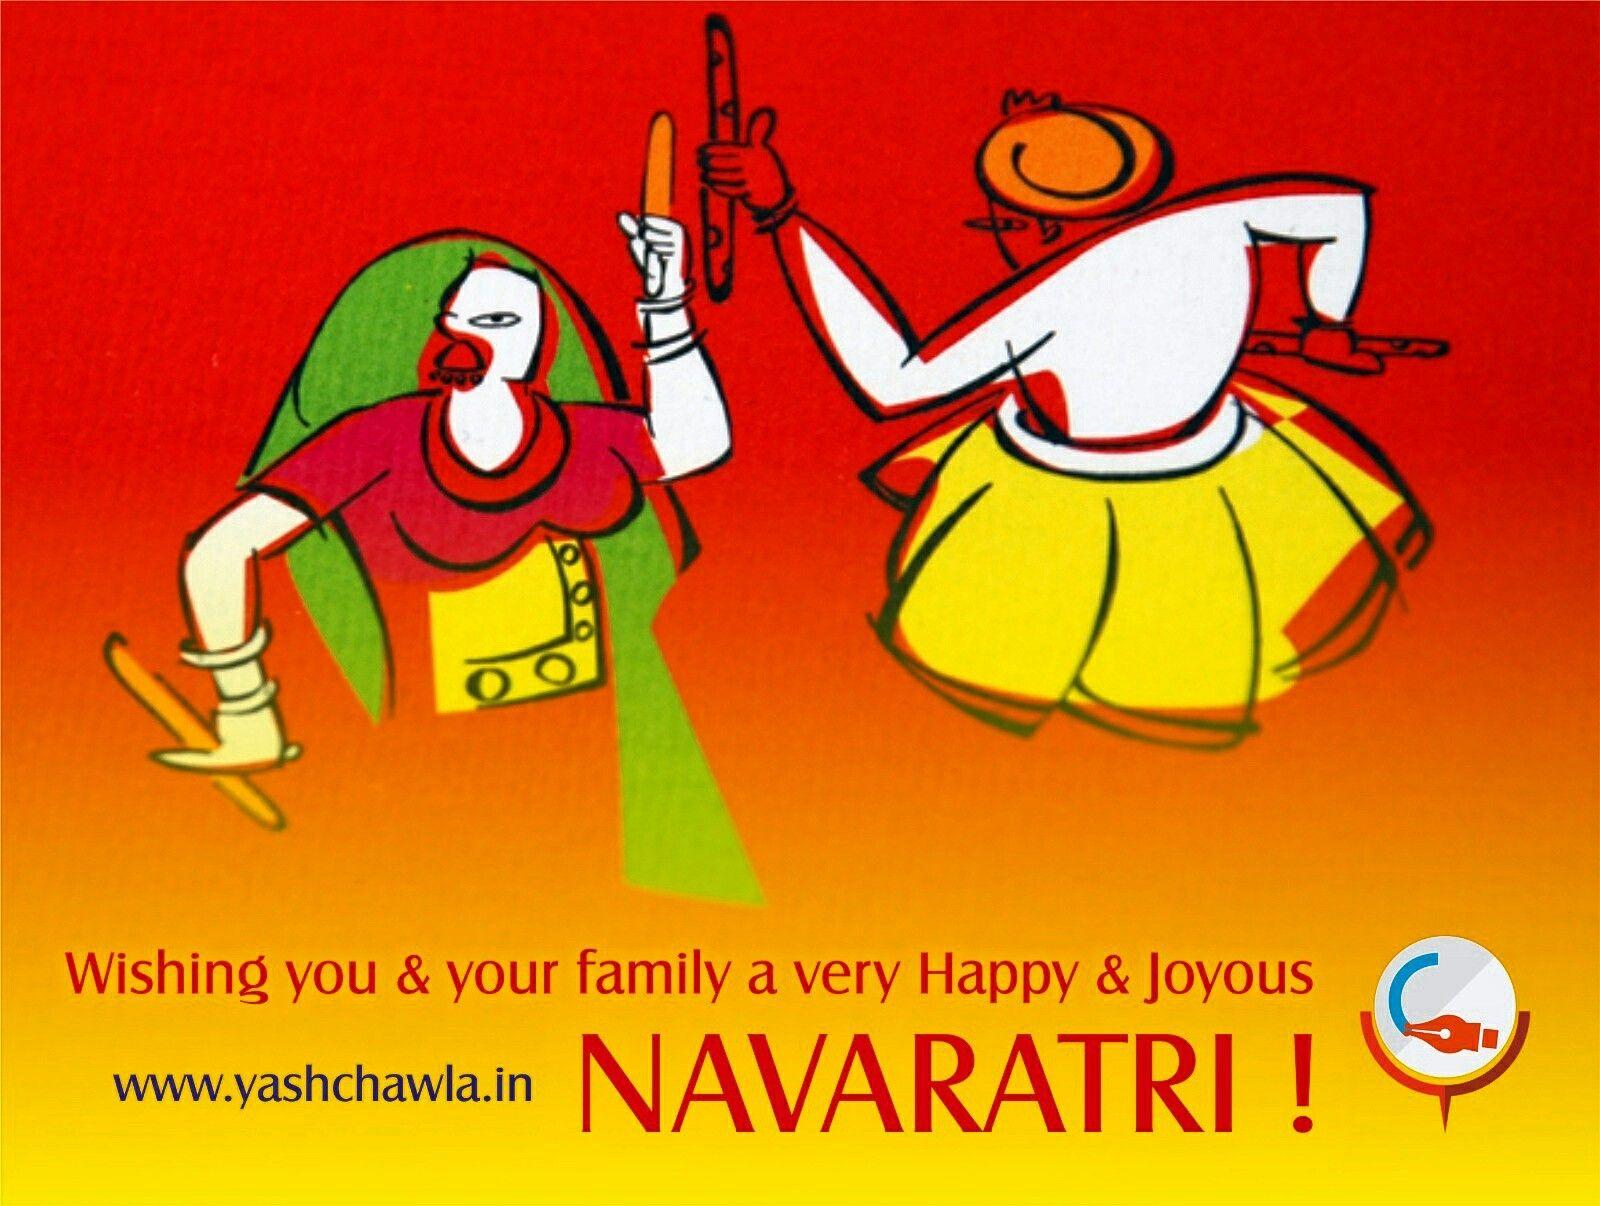 Navratri wishes #navratriwishes